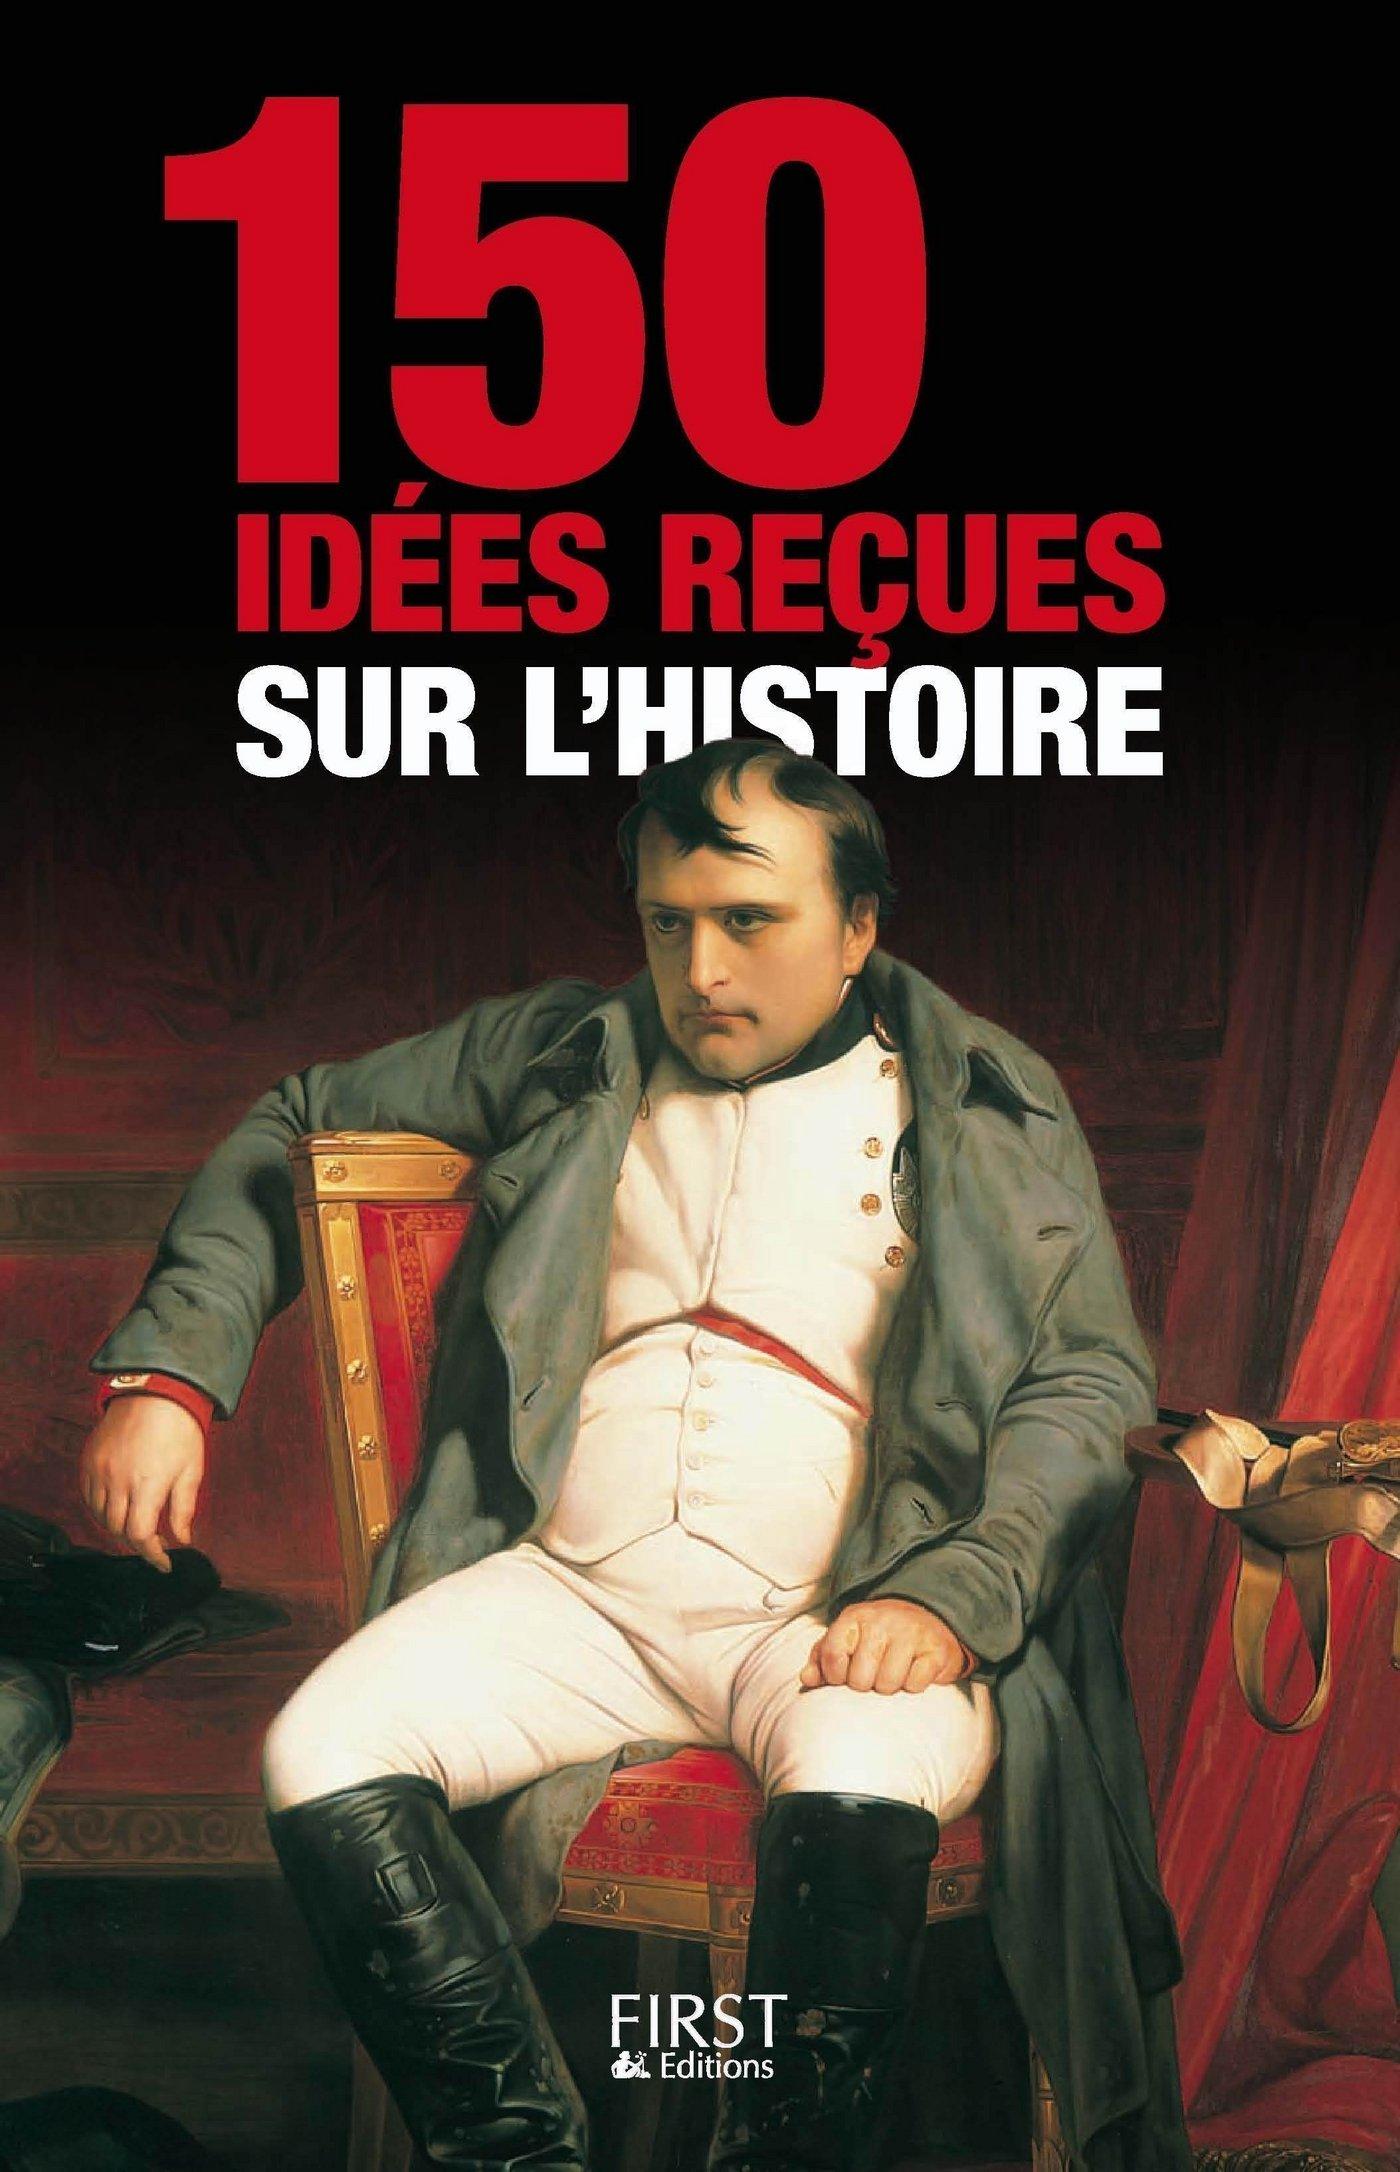 150 idées reçues sur l'Histoire